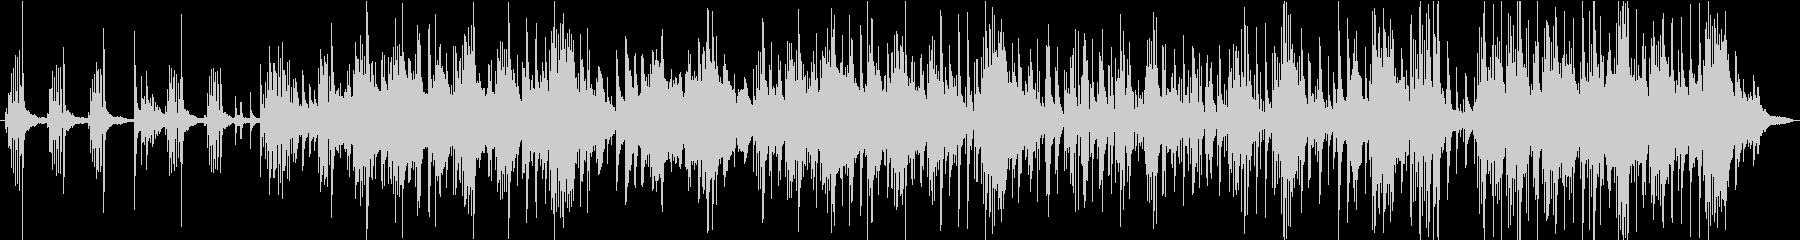 穏やかなピアノトリオバラードの未再生の波形